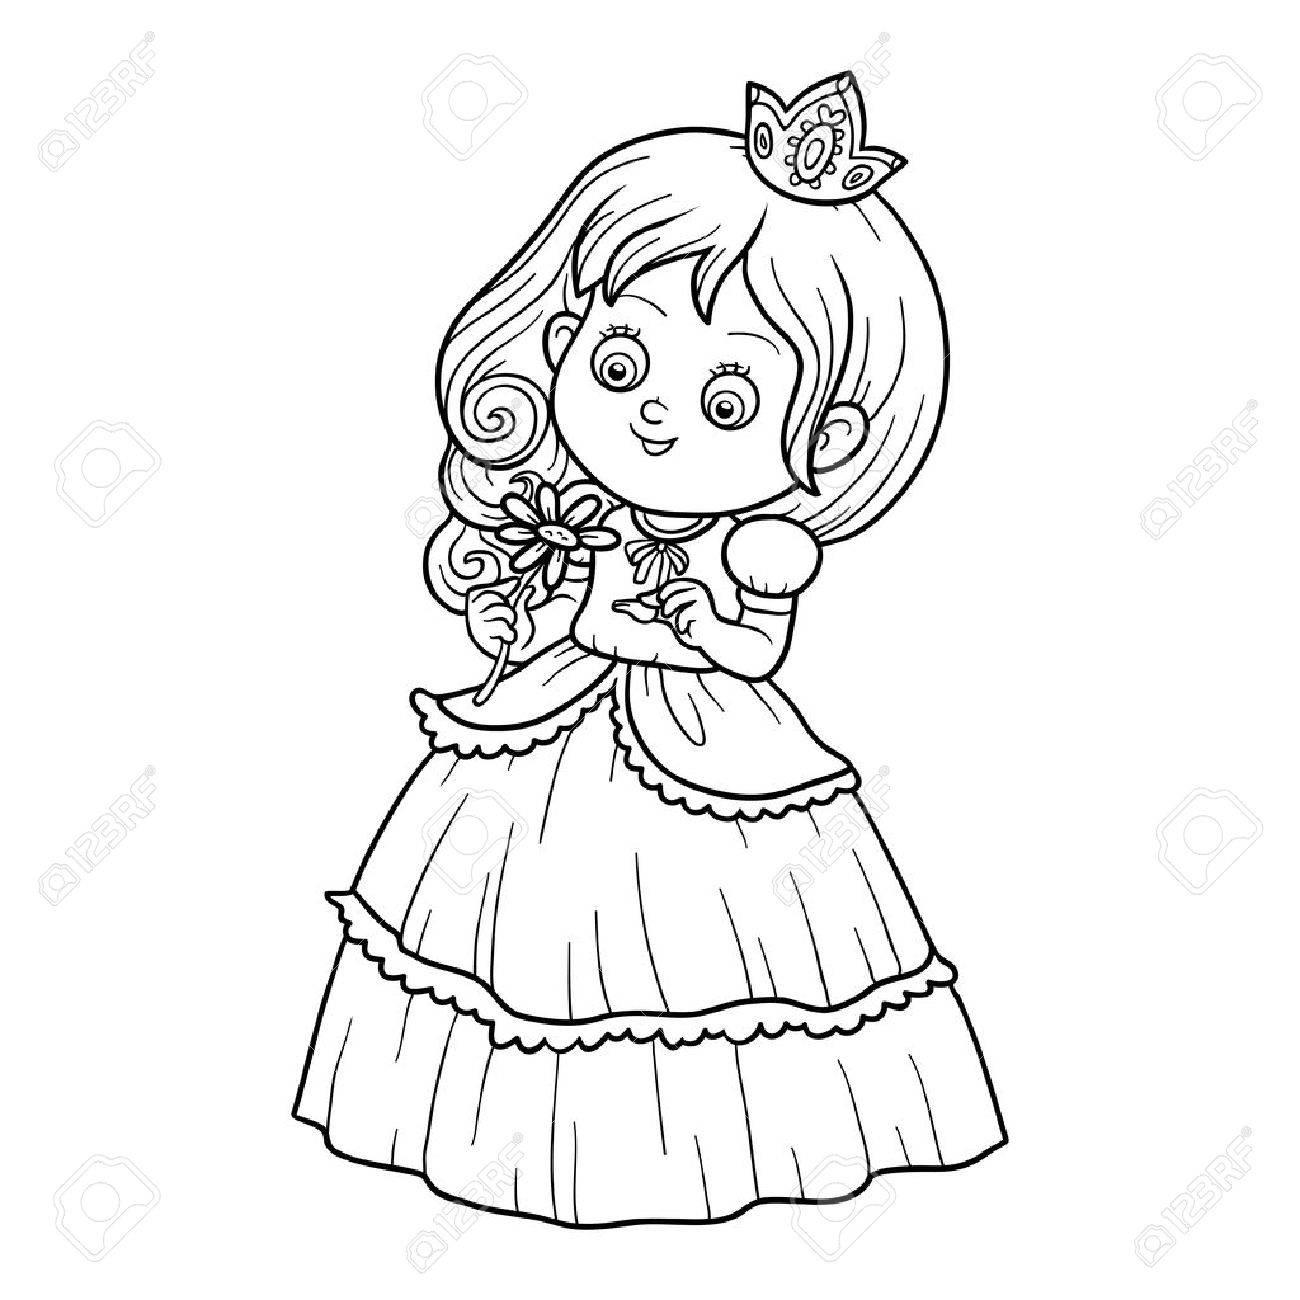 Libro Para Colorear Para Niños, Pequeña Princesa Con Una Flor ...